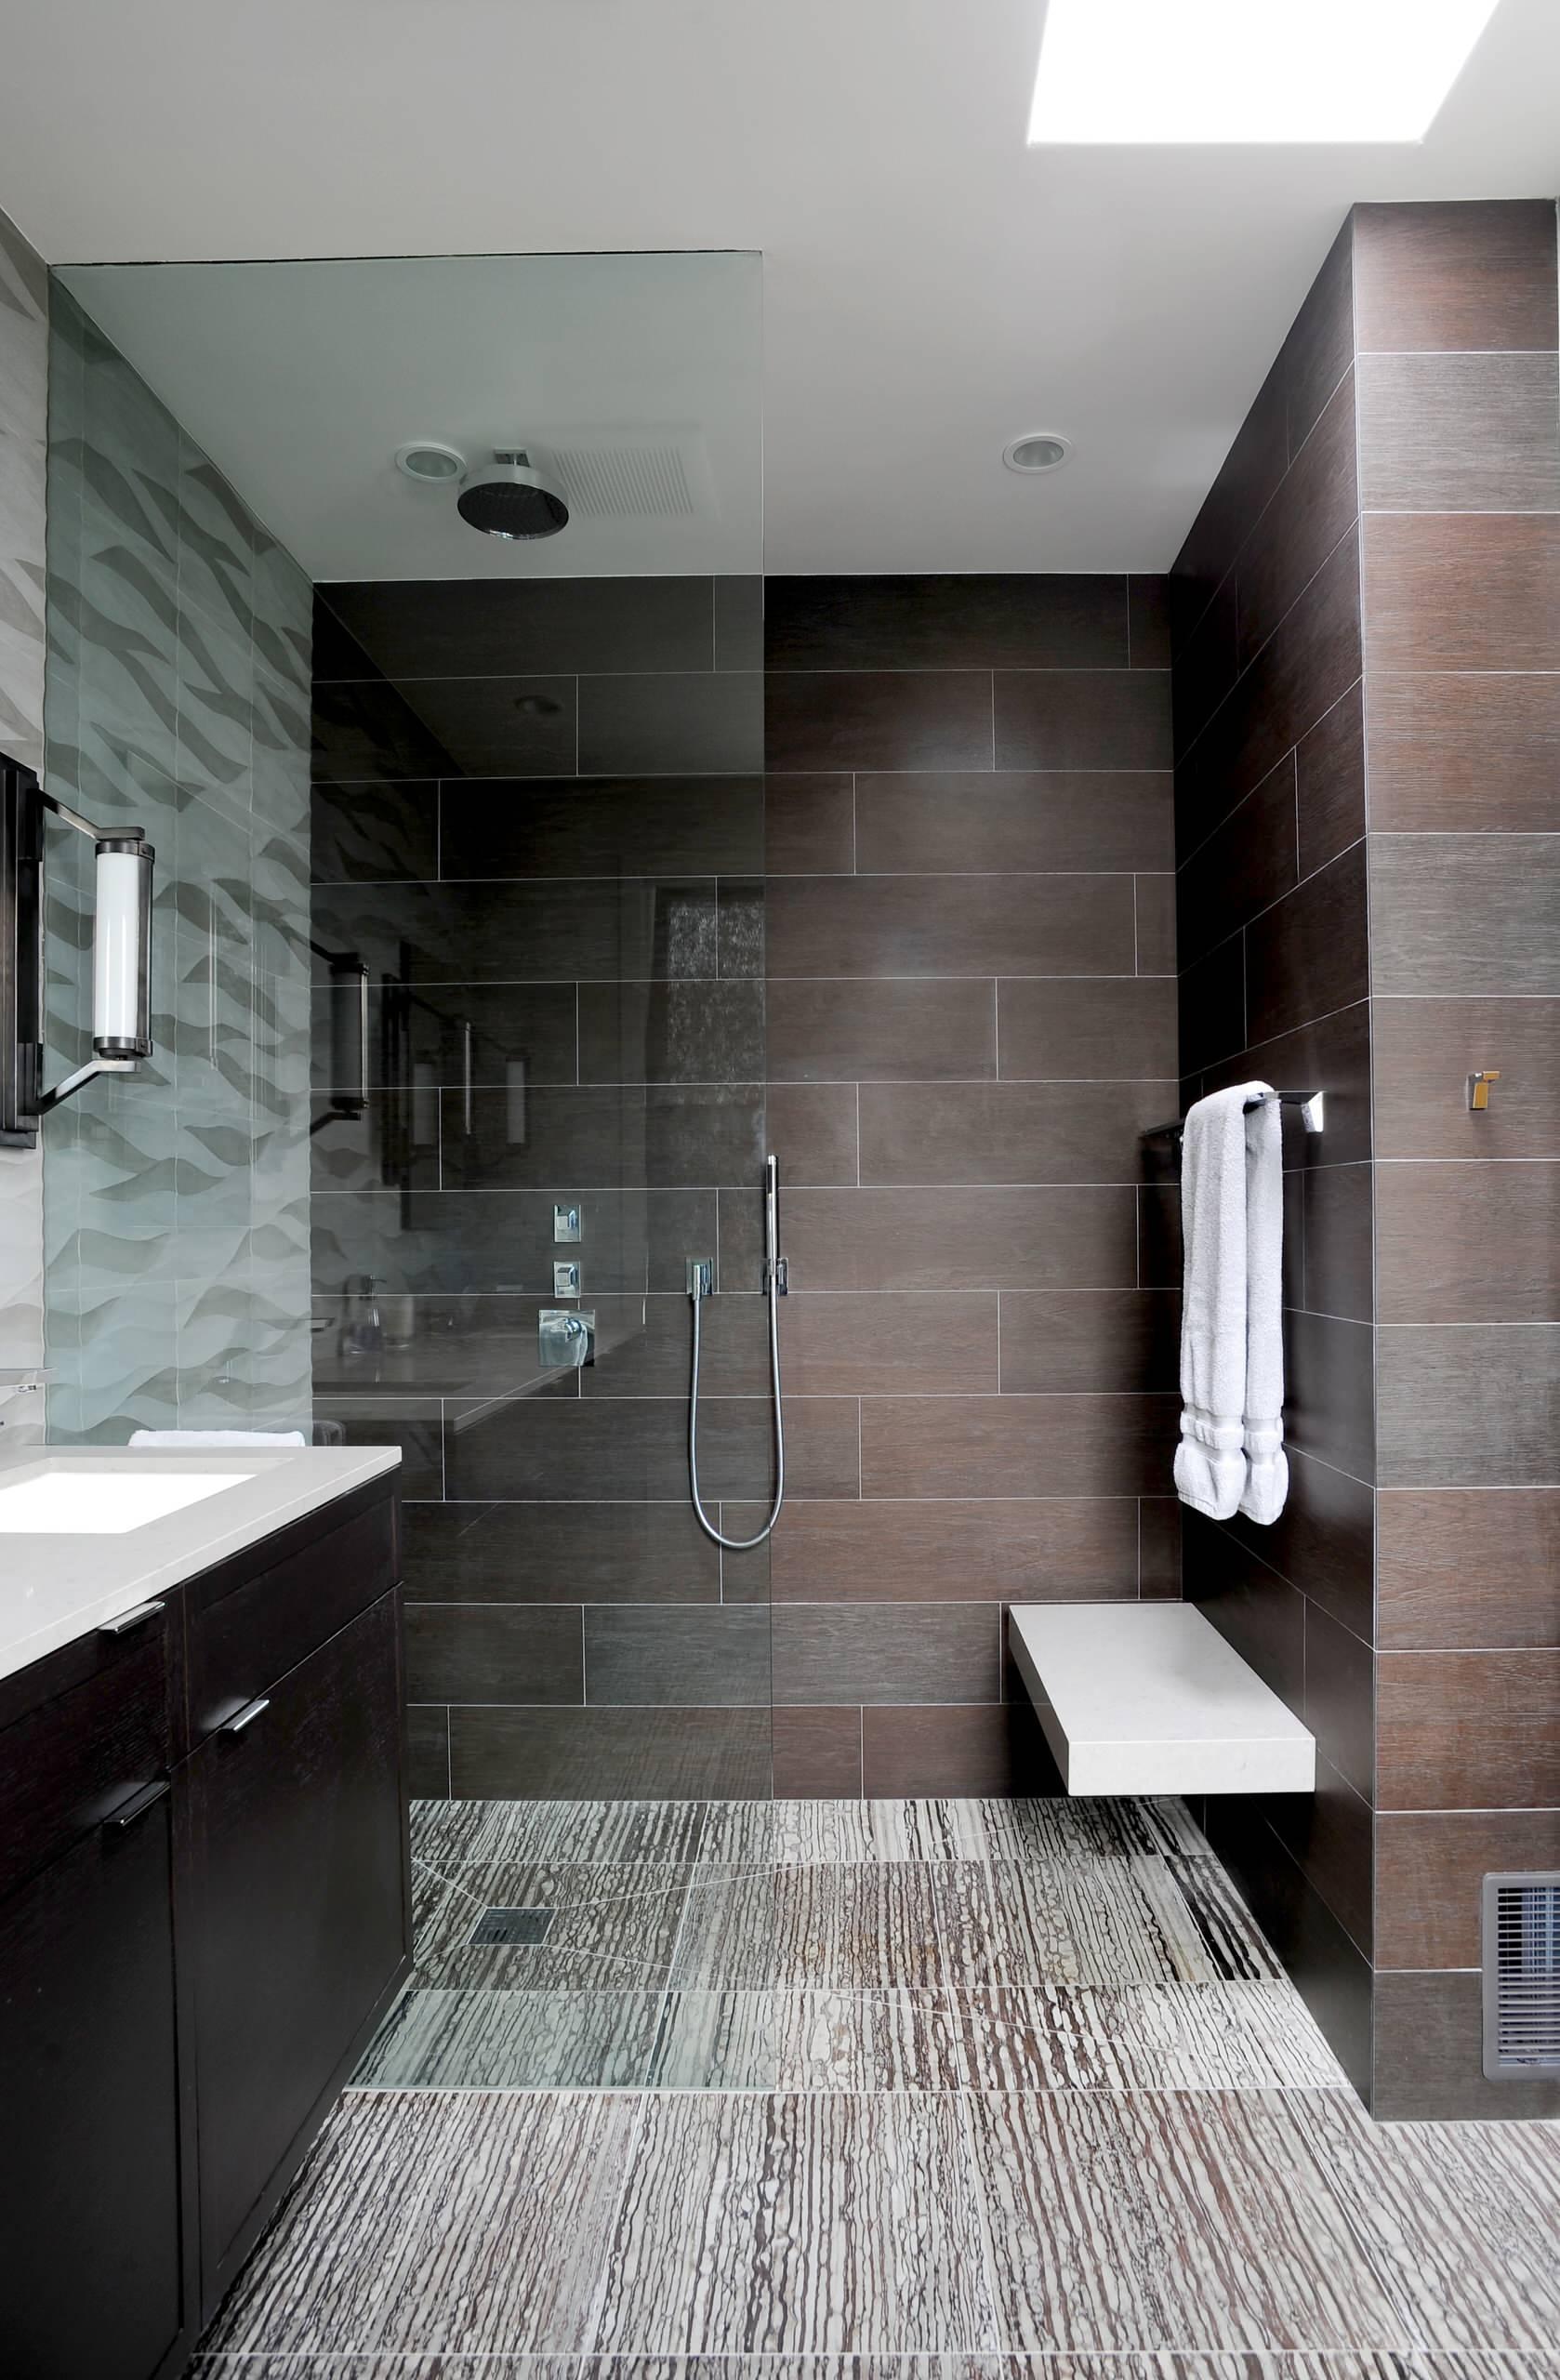 12x24 bathroom tile ideas photos houzz